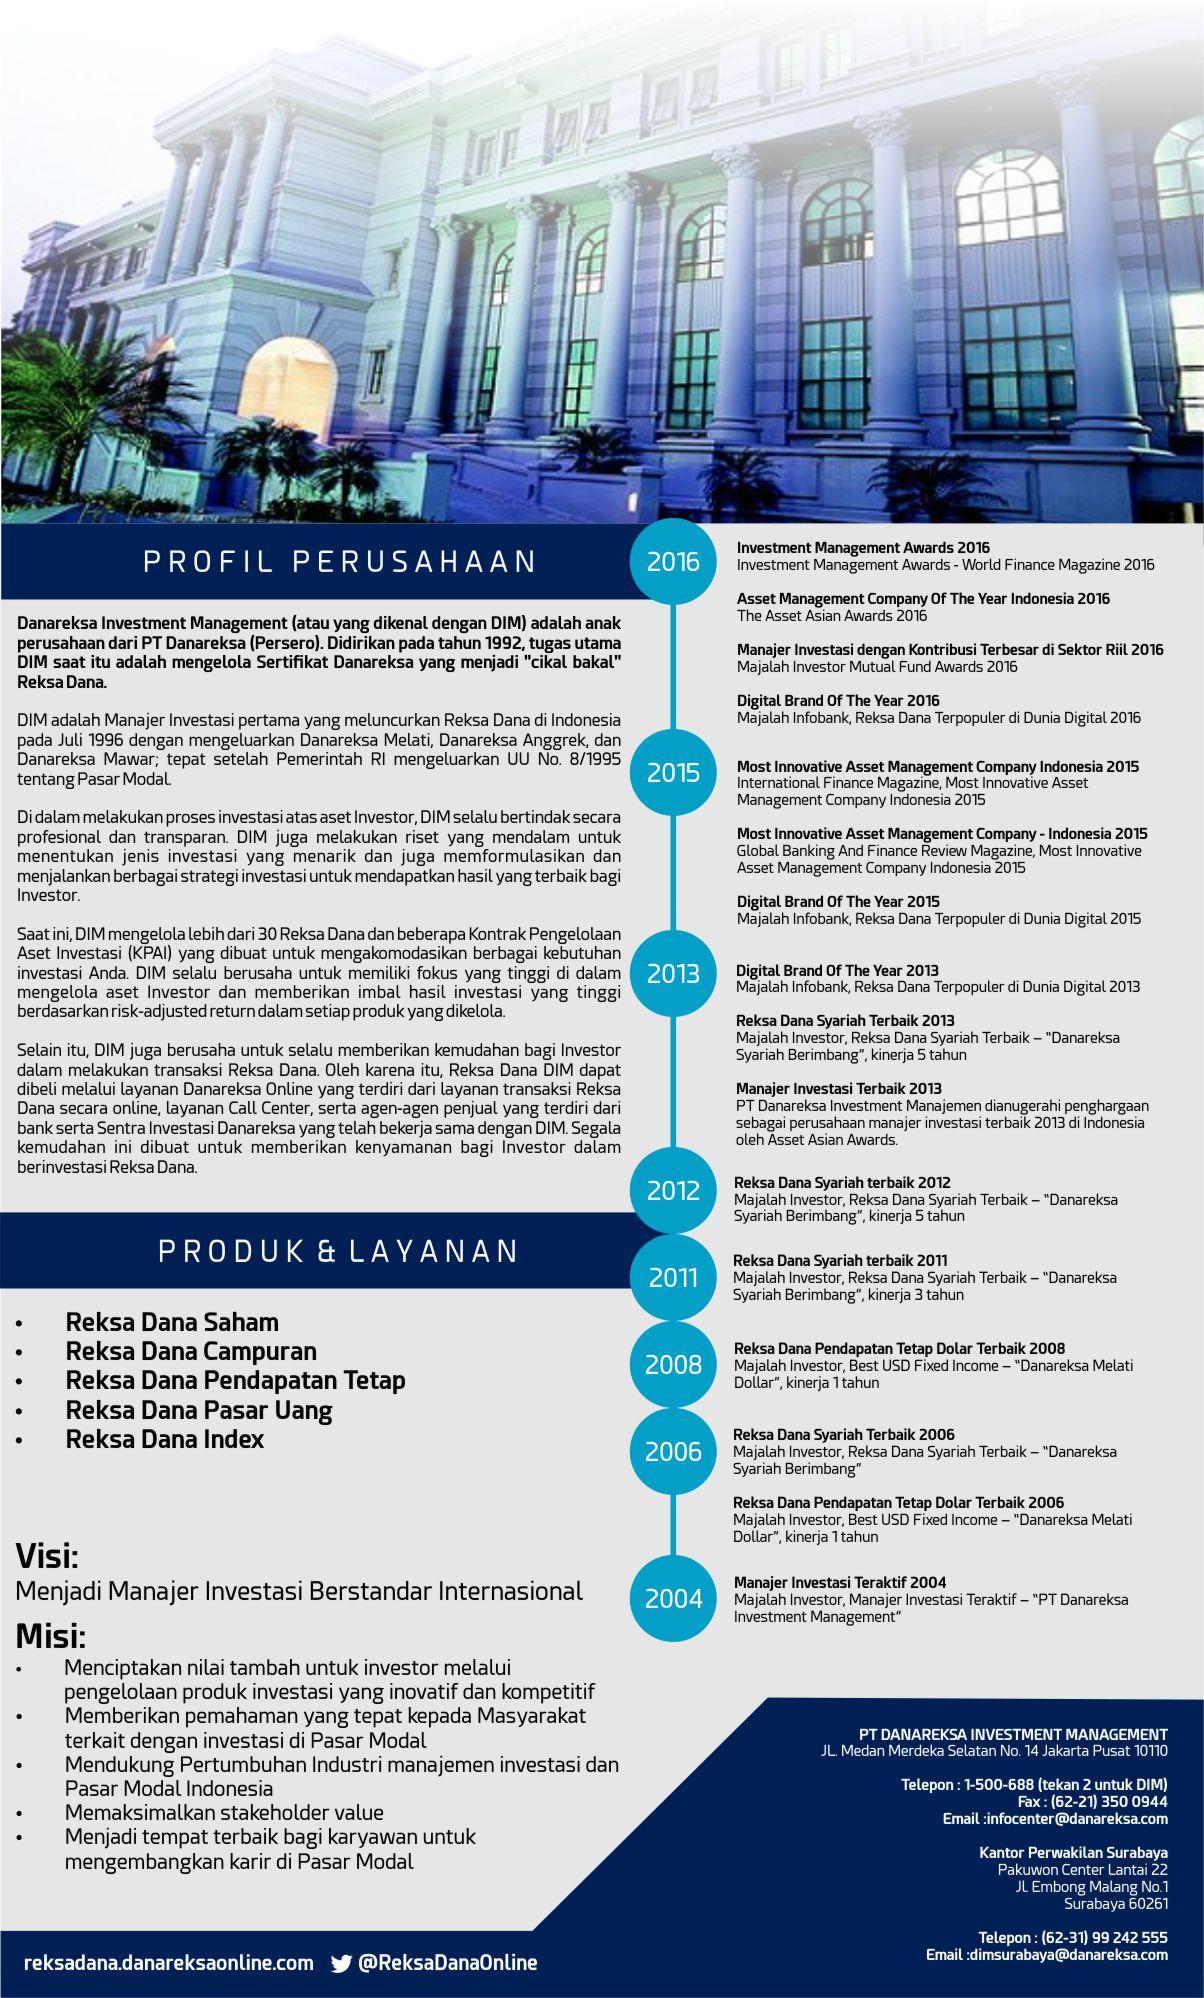 Investasi Reksa Dana Aman & Mudah Di Danareksa Investment Management 5